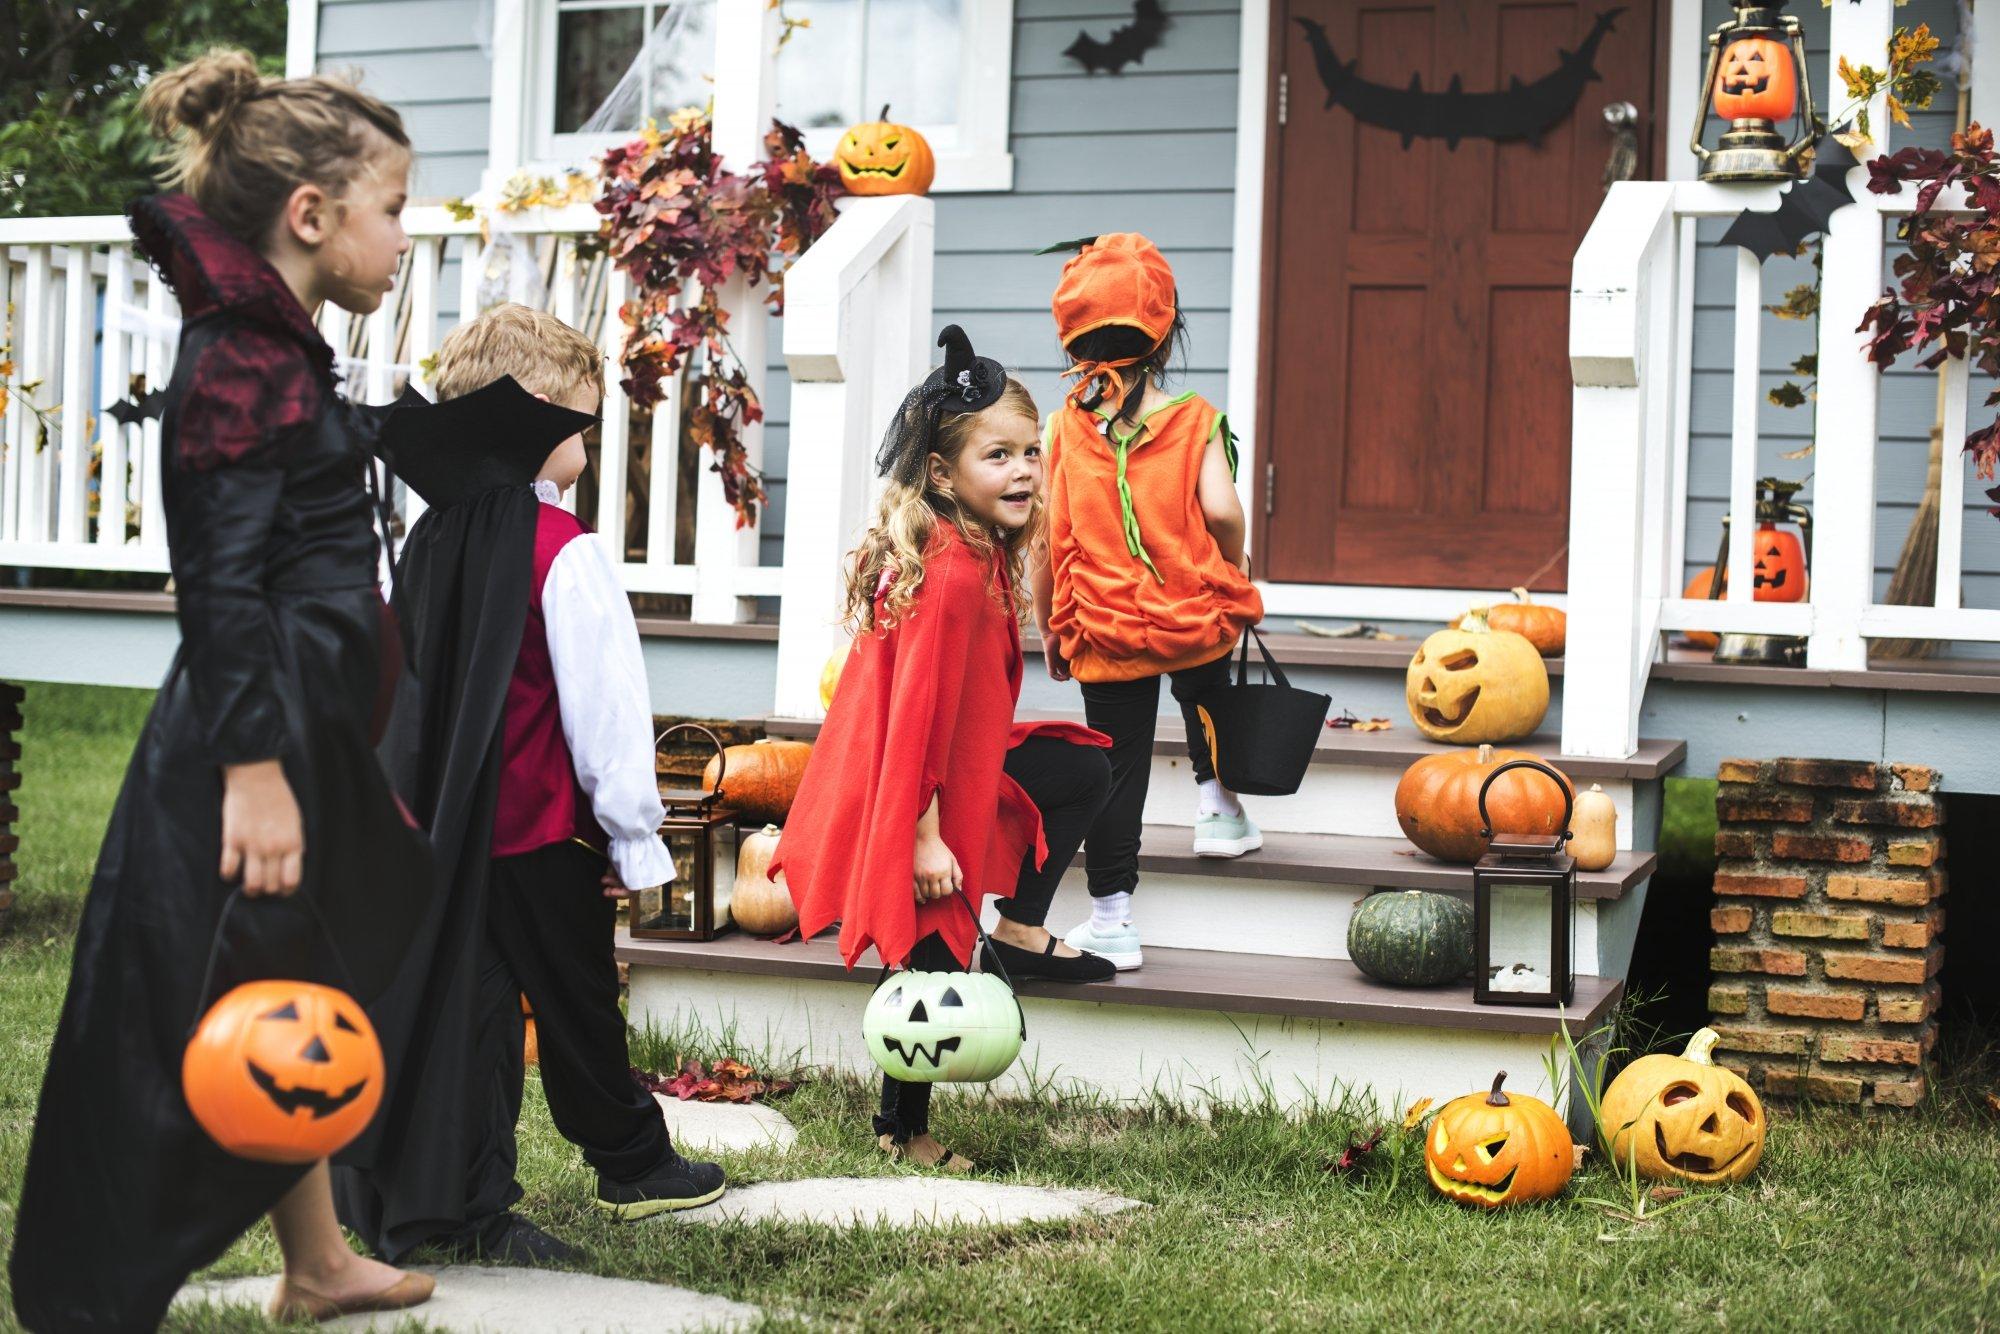 Quand Est Ce Halloween.Halloween Pourquoi Cette Fete Est Elle Si Populaire Aux Etats Unis